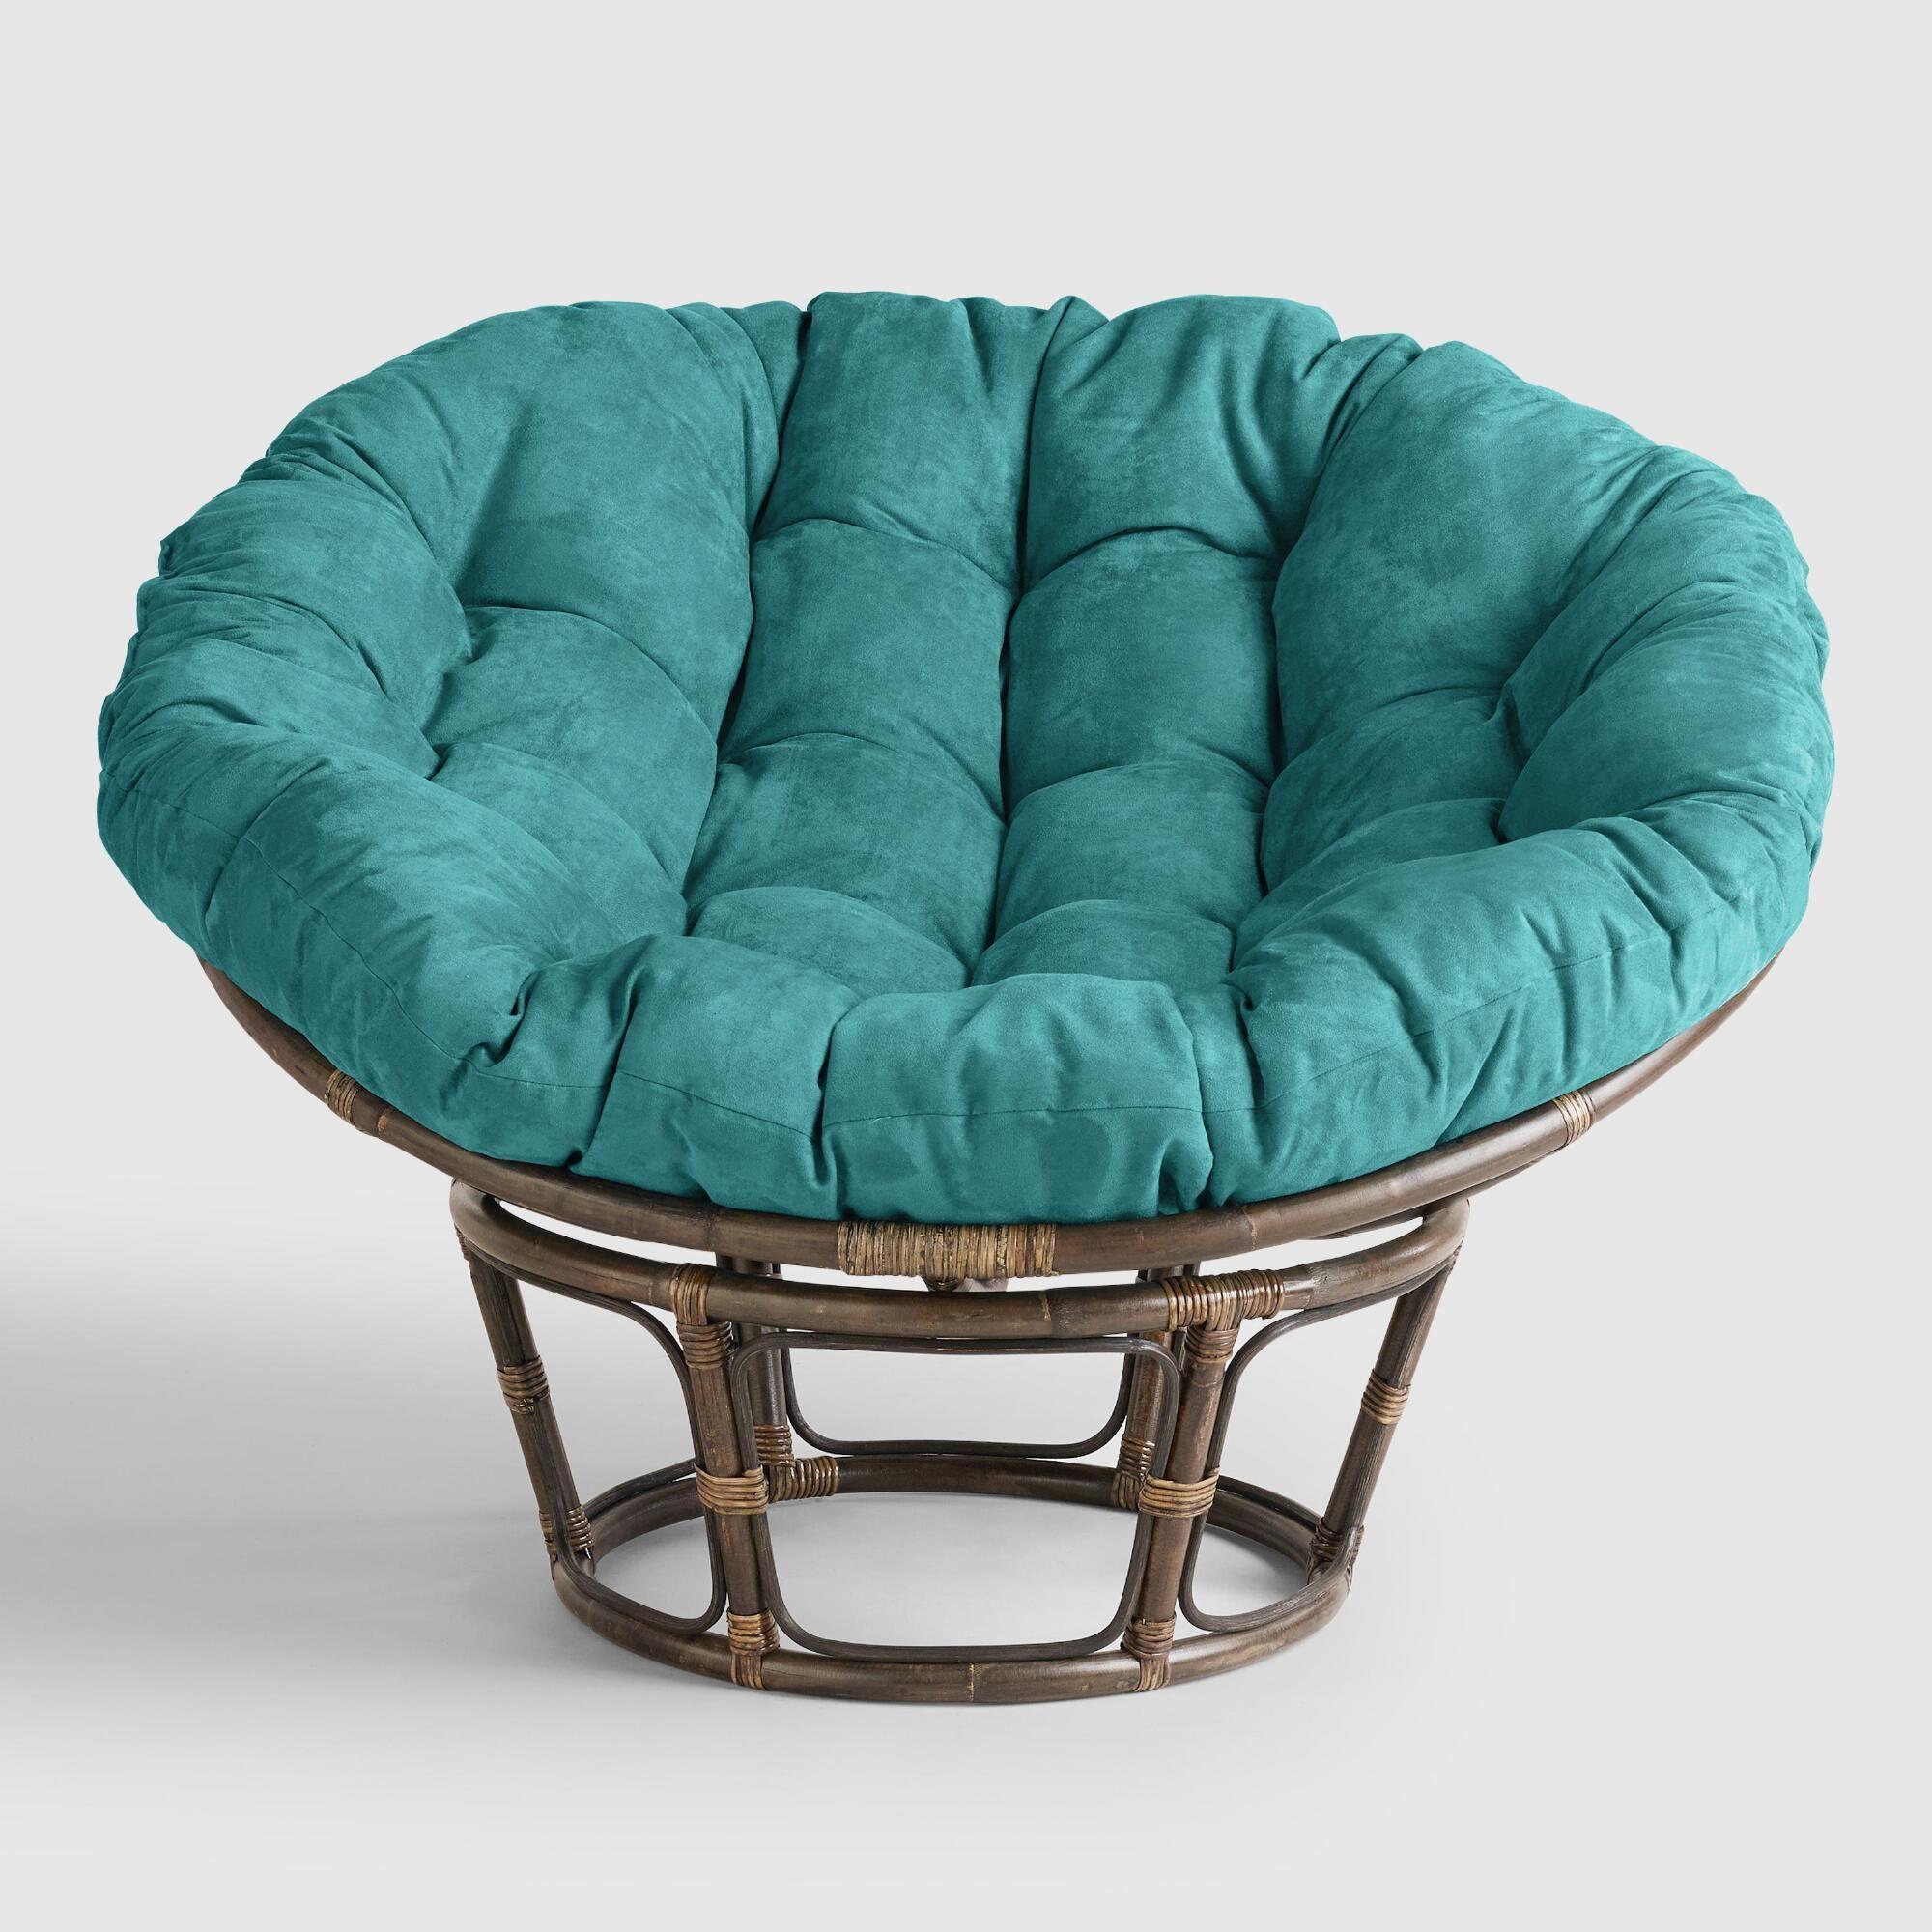 Teal Microsuede Papasan Chair Cushion Blue  Microfiber